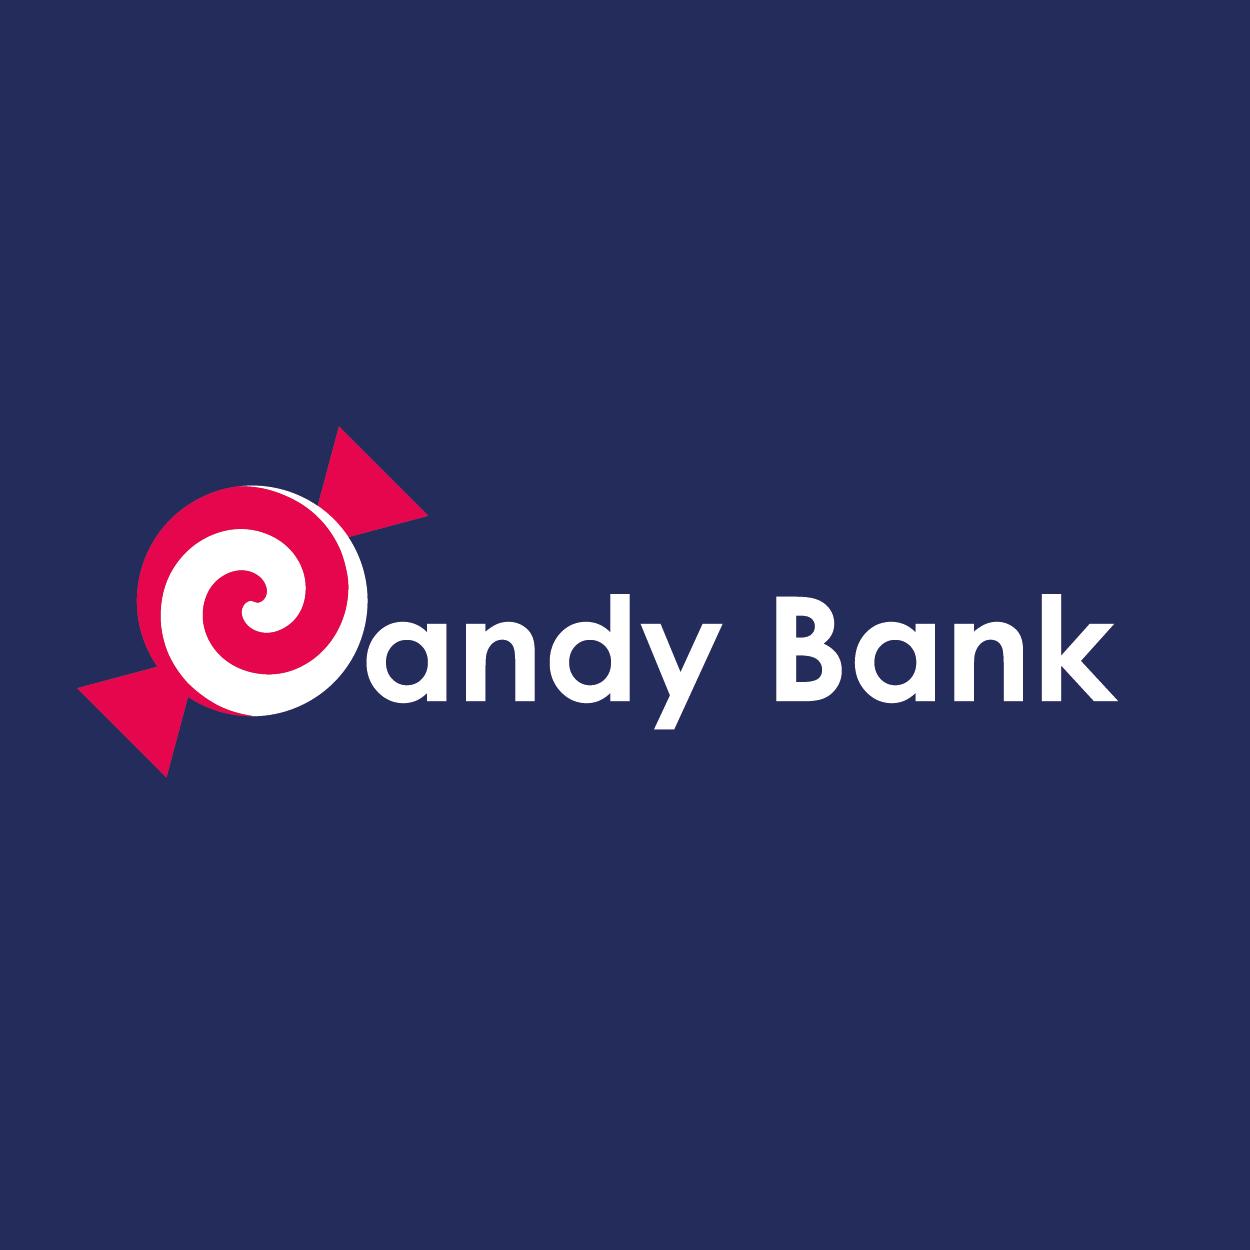 Логотип для международного банка фото f_6445d776f6997110.png